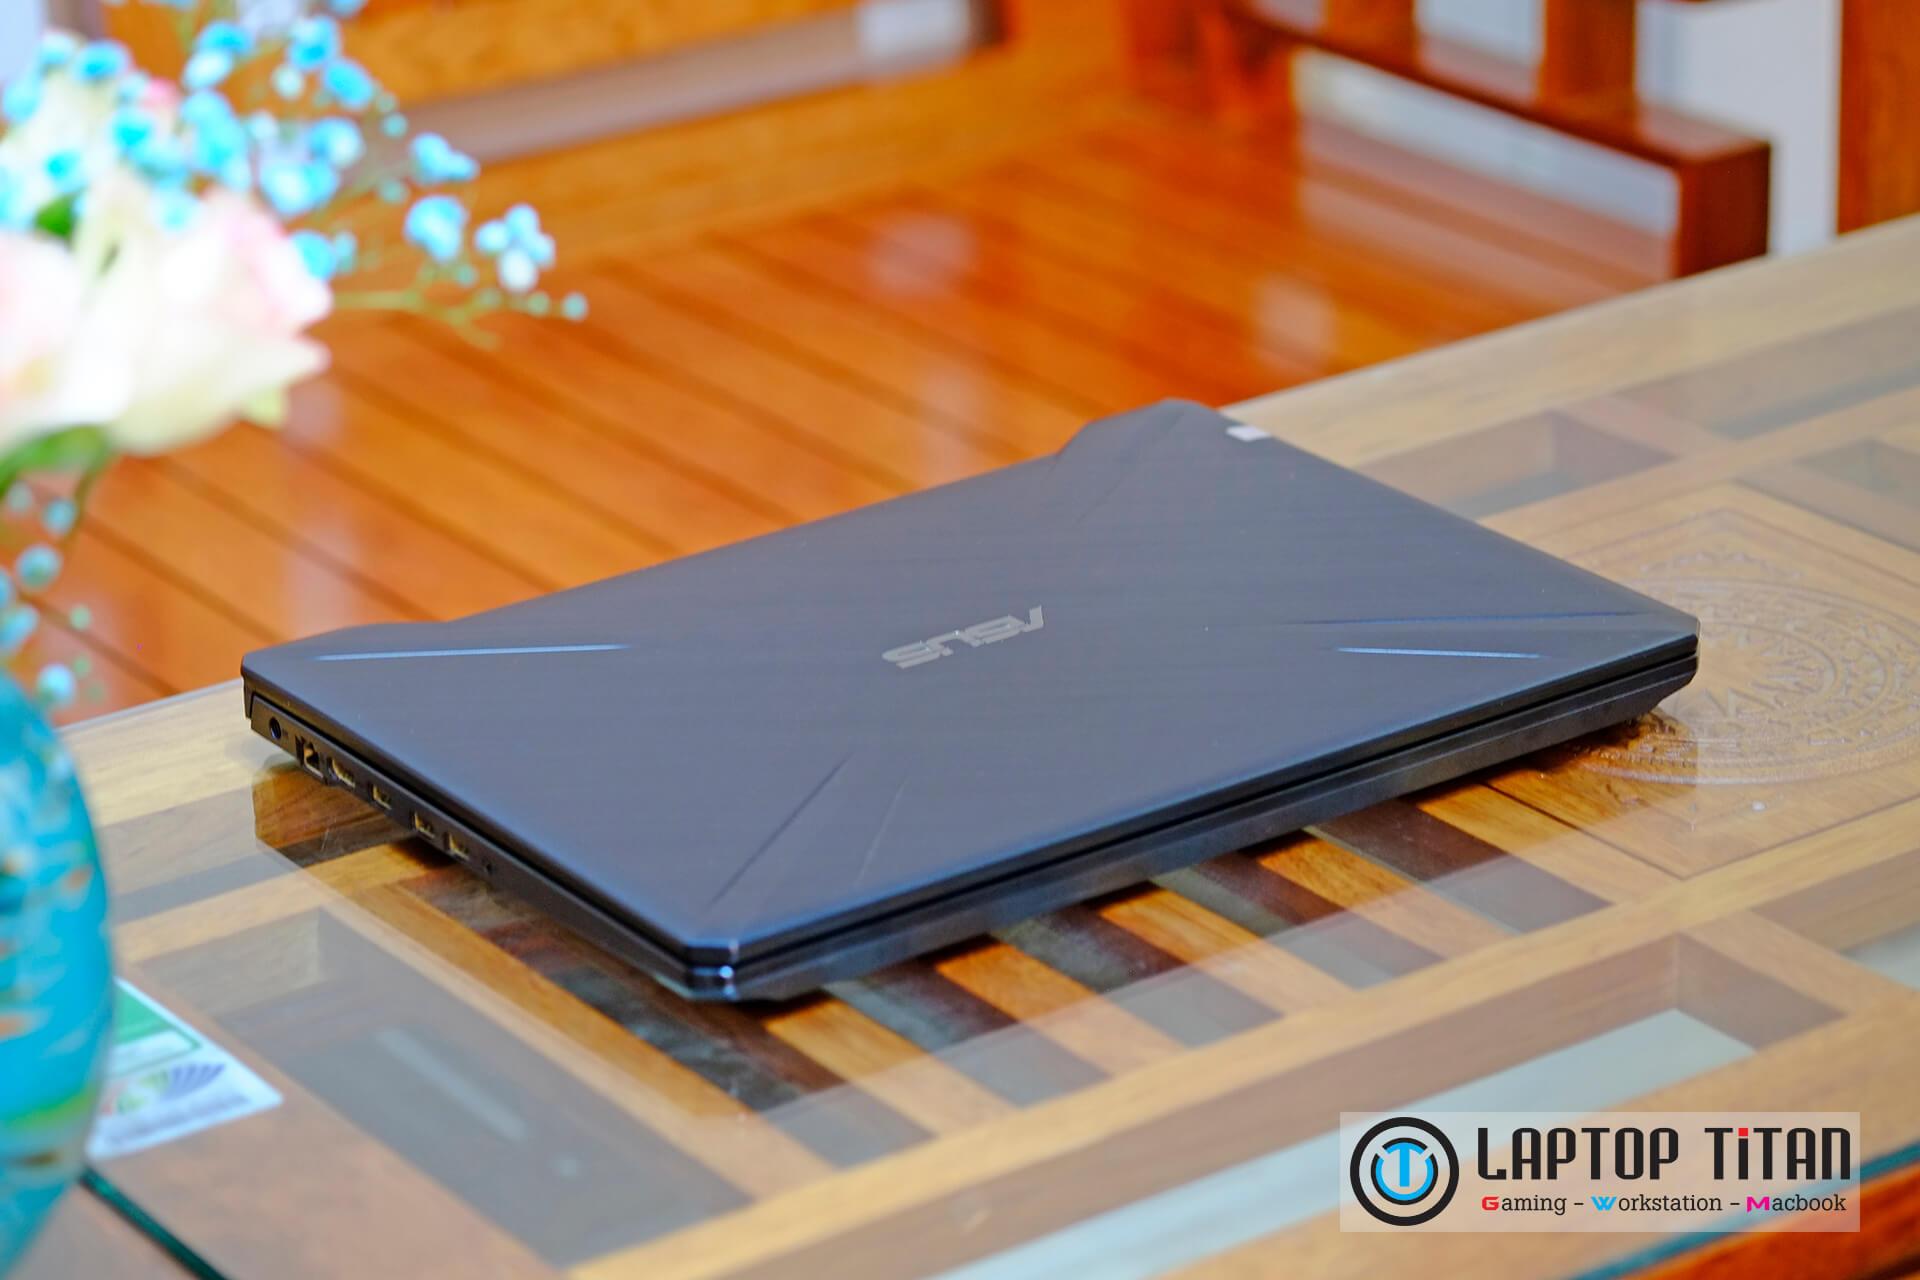 Asus Tuf Fx505Dd 004